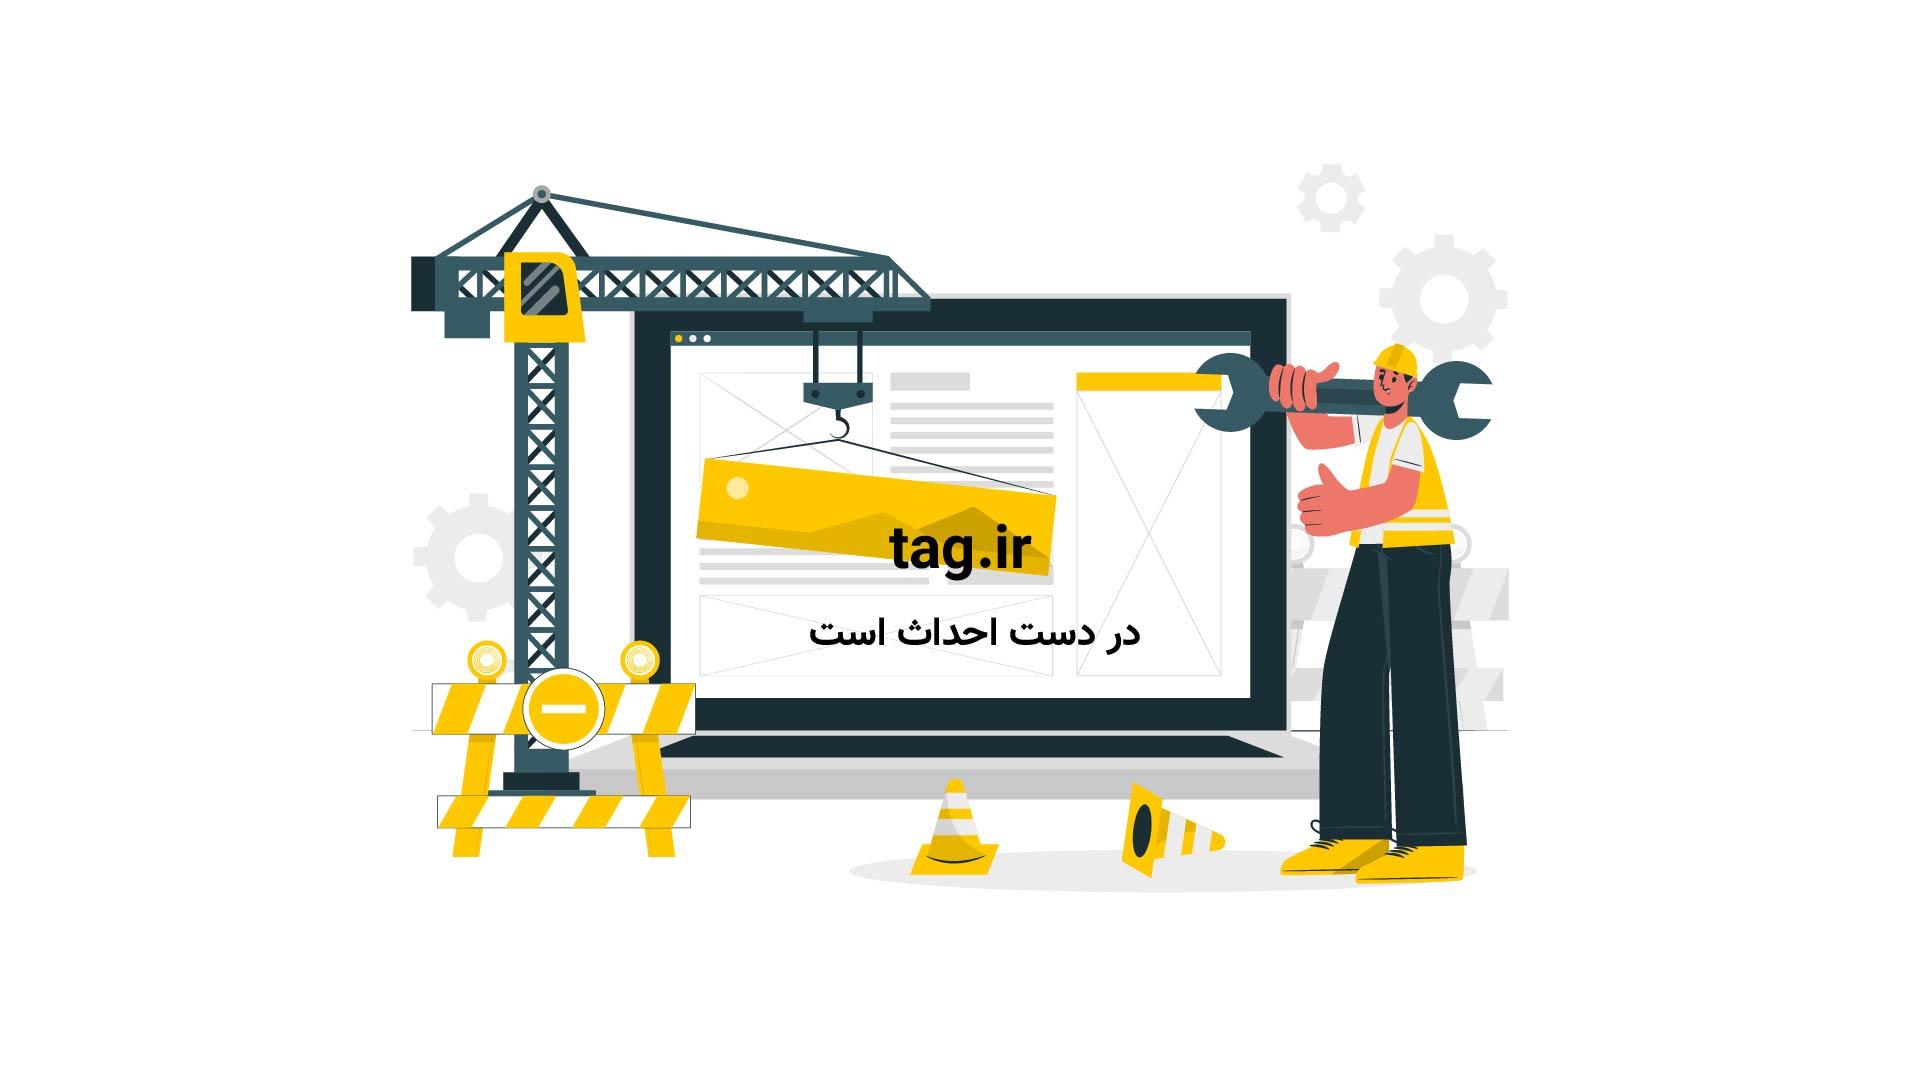 تایم لپس فوق العاده از حرکت ماه | تگ